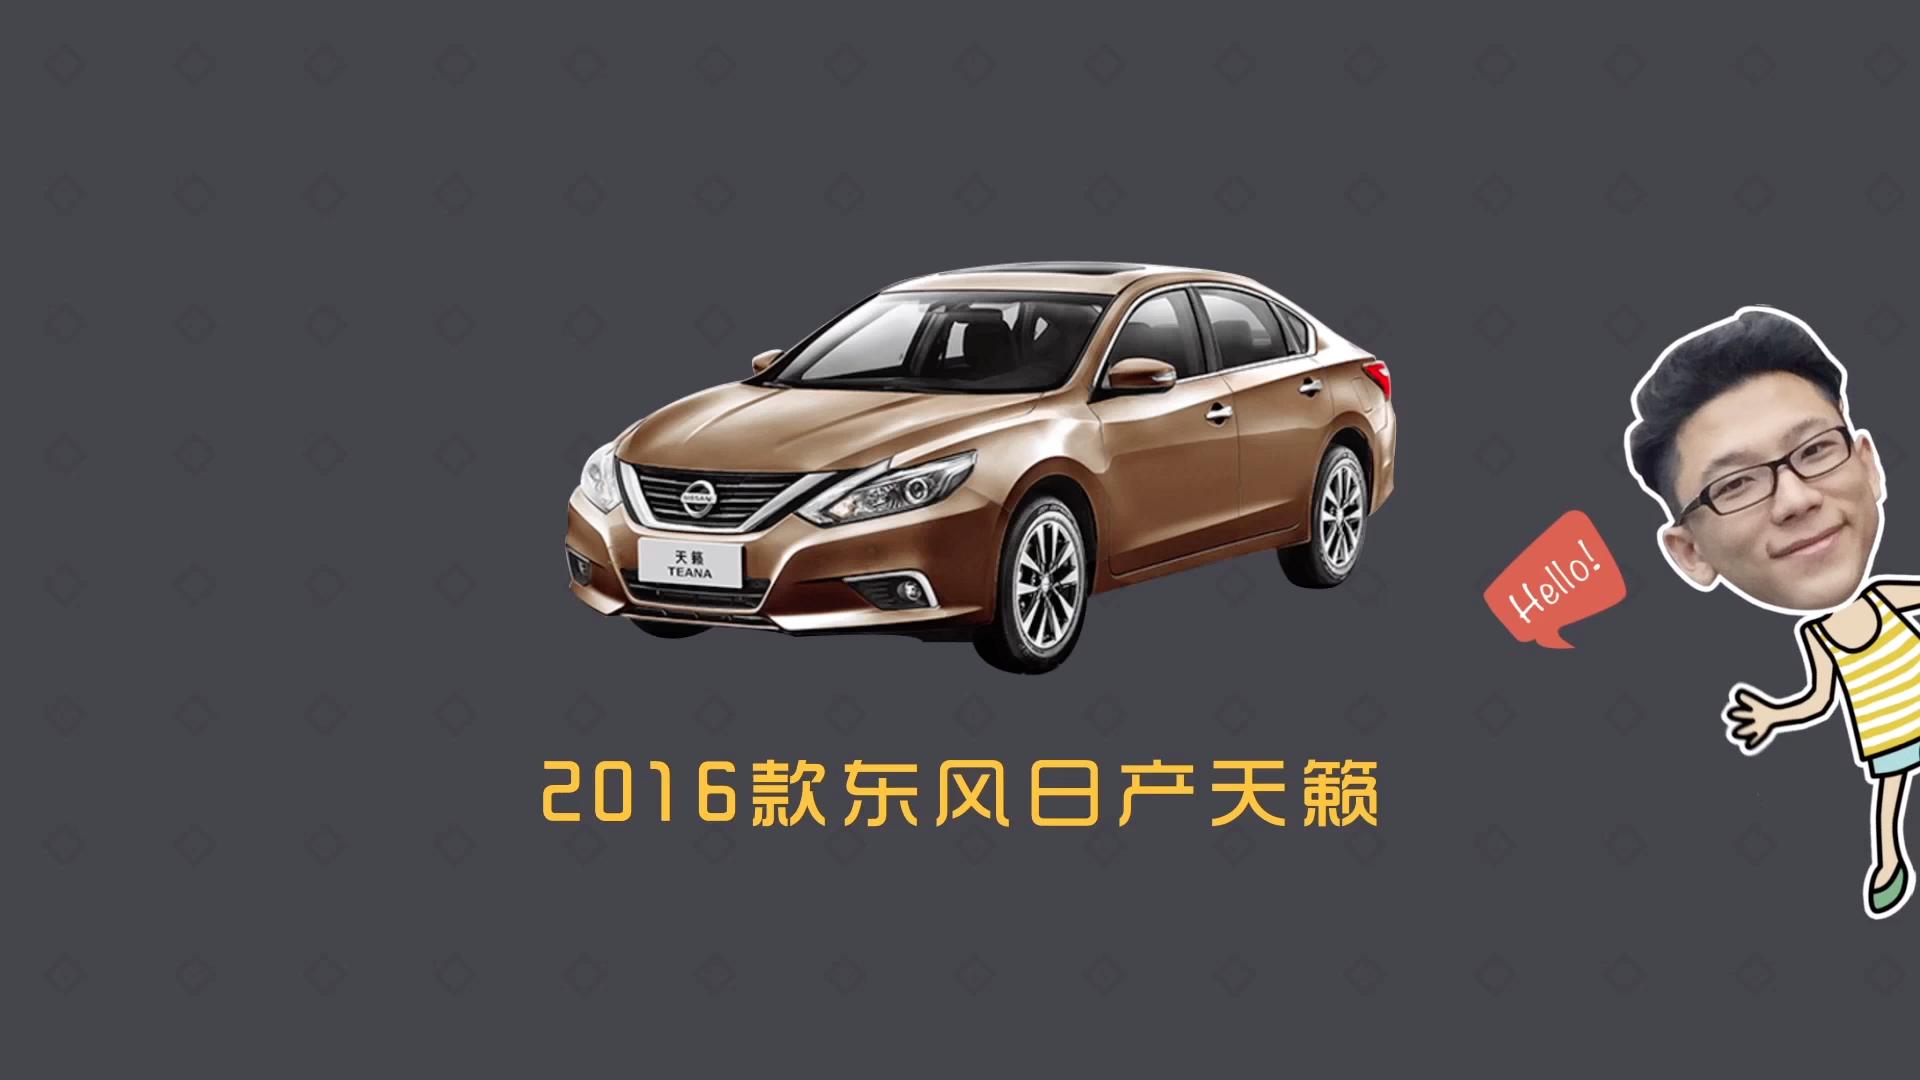 【爱极客购车300秒】2016款日产天籁车型解析